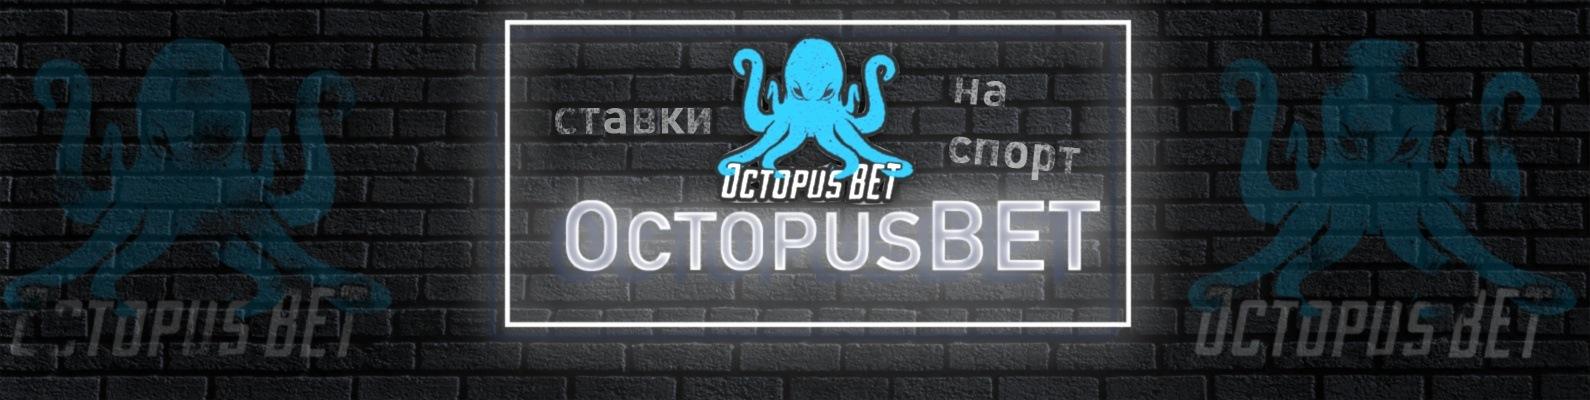 Онлайн ставки на спорт в беларуси